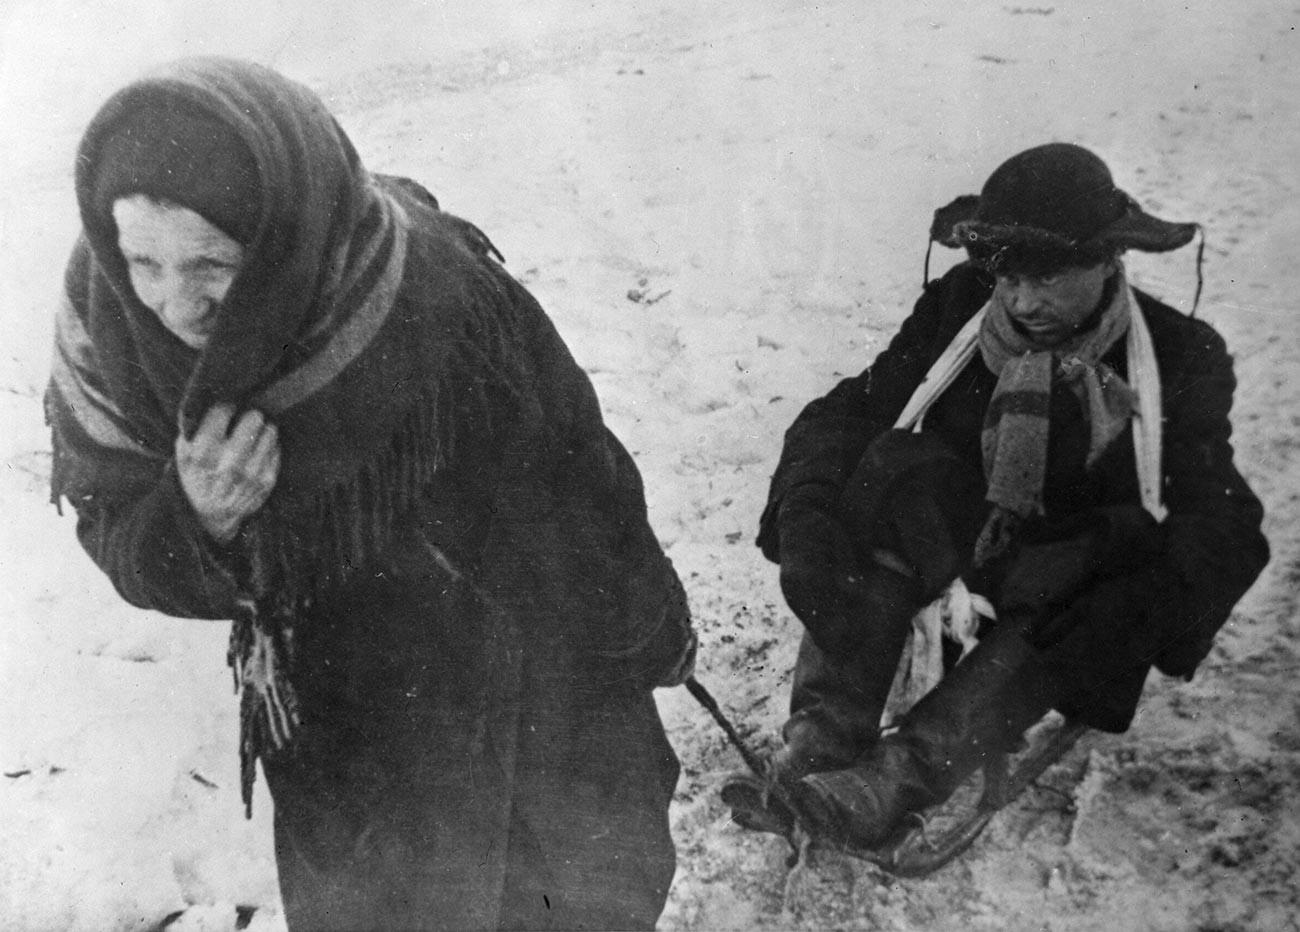 Жители на обсадения Ленинград: жена дърпа на шейна съпруга си, който е отслабнал от глад. Великата отечествена война 1941-1945г.